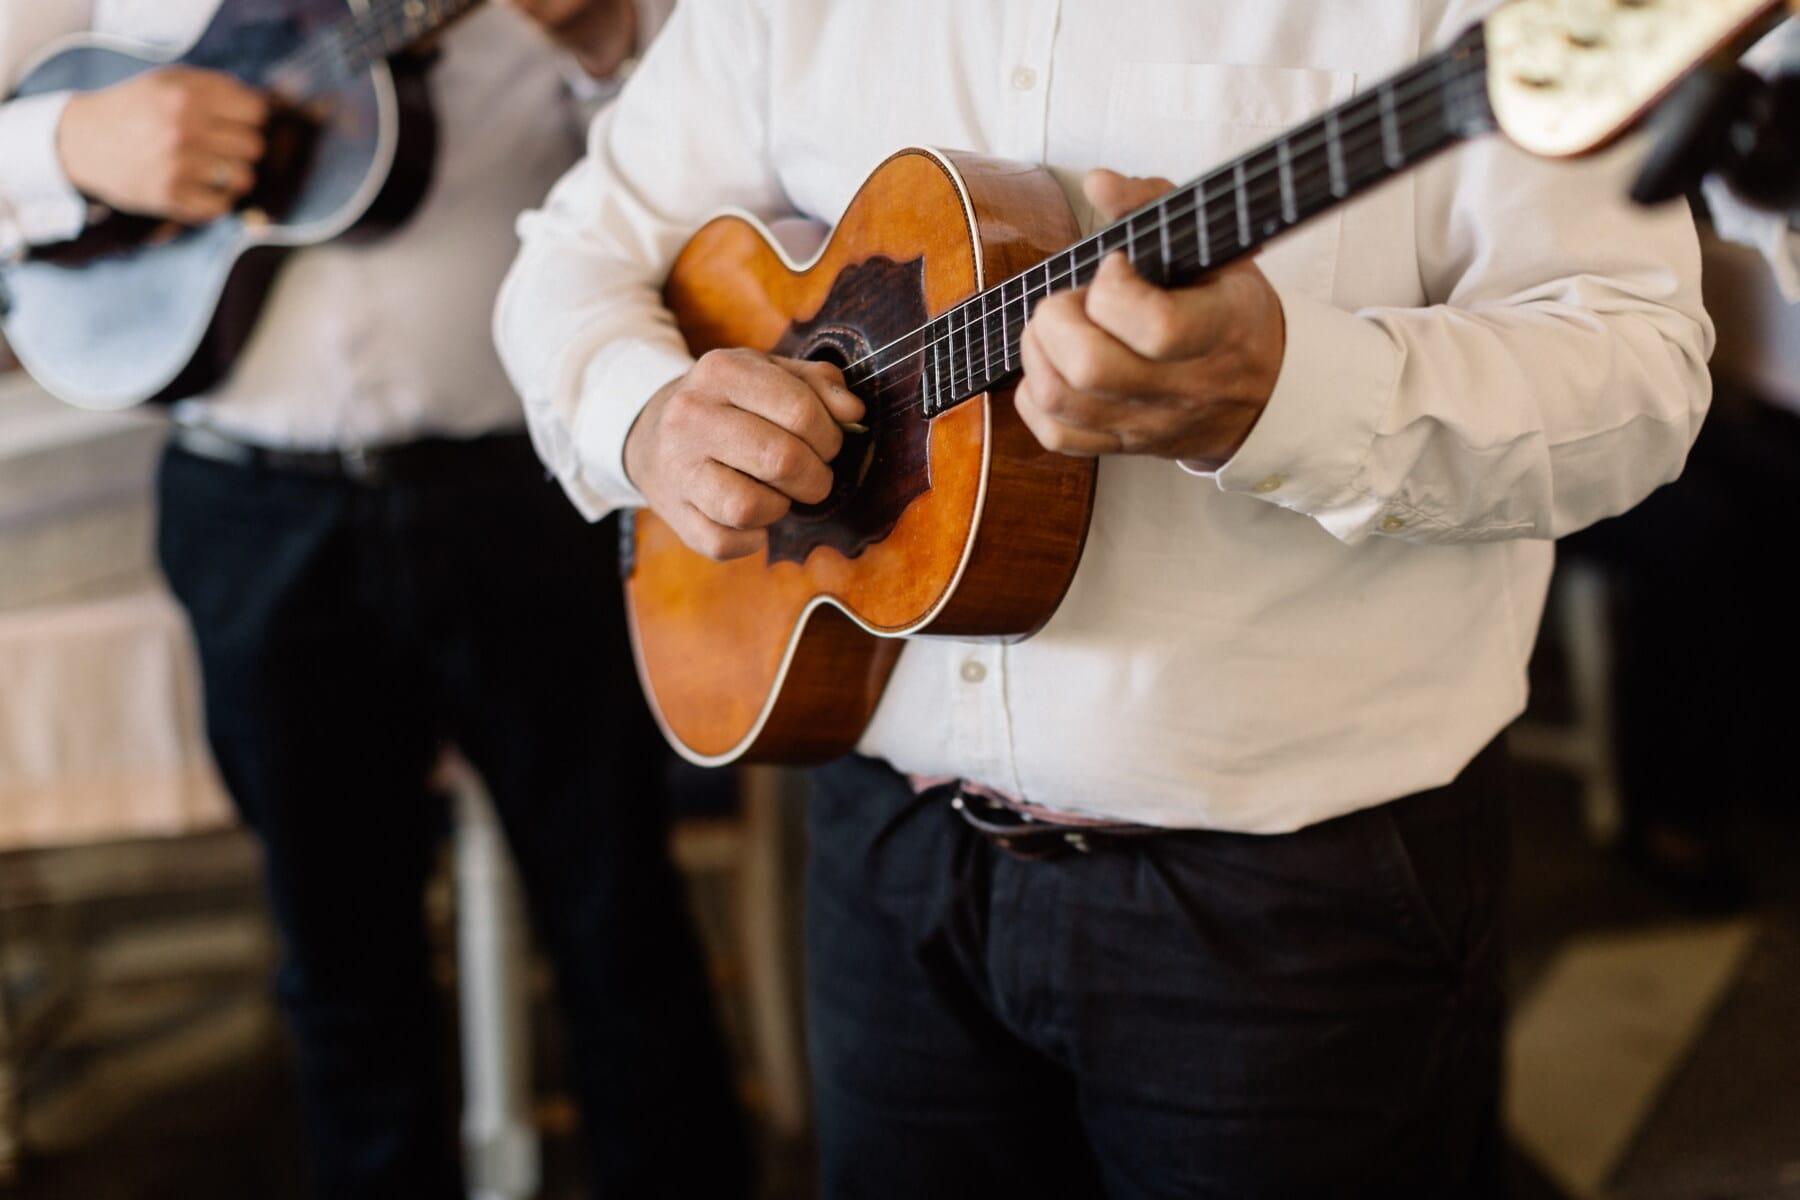 Gitarrist, Orchester, Gitarre, Musiker, Volk, Musik, musikalischen, Rock, akustisch, Instrument